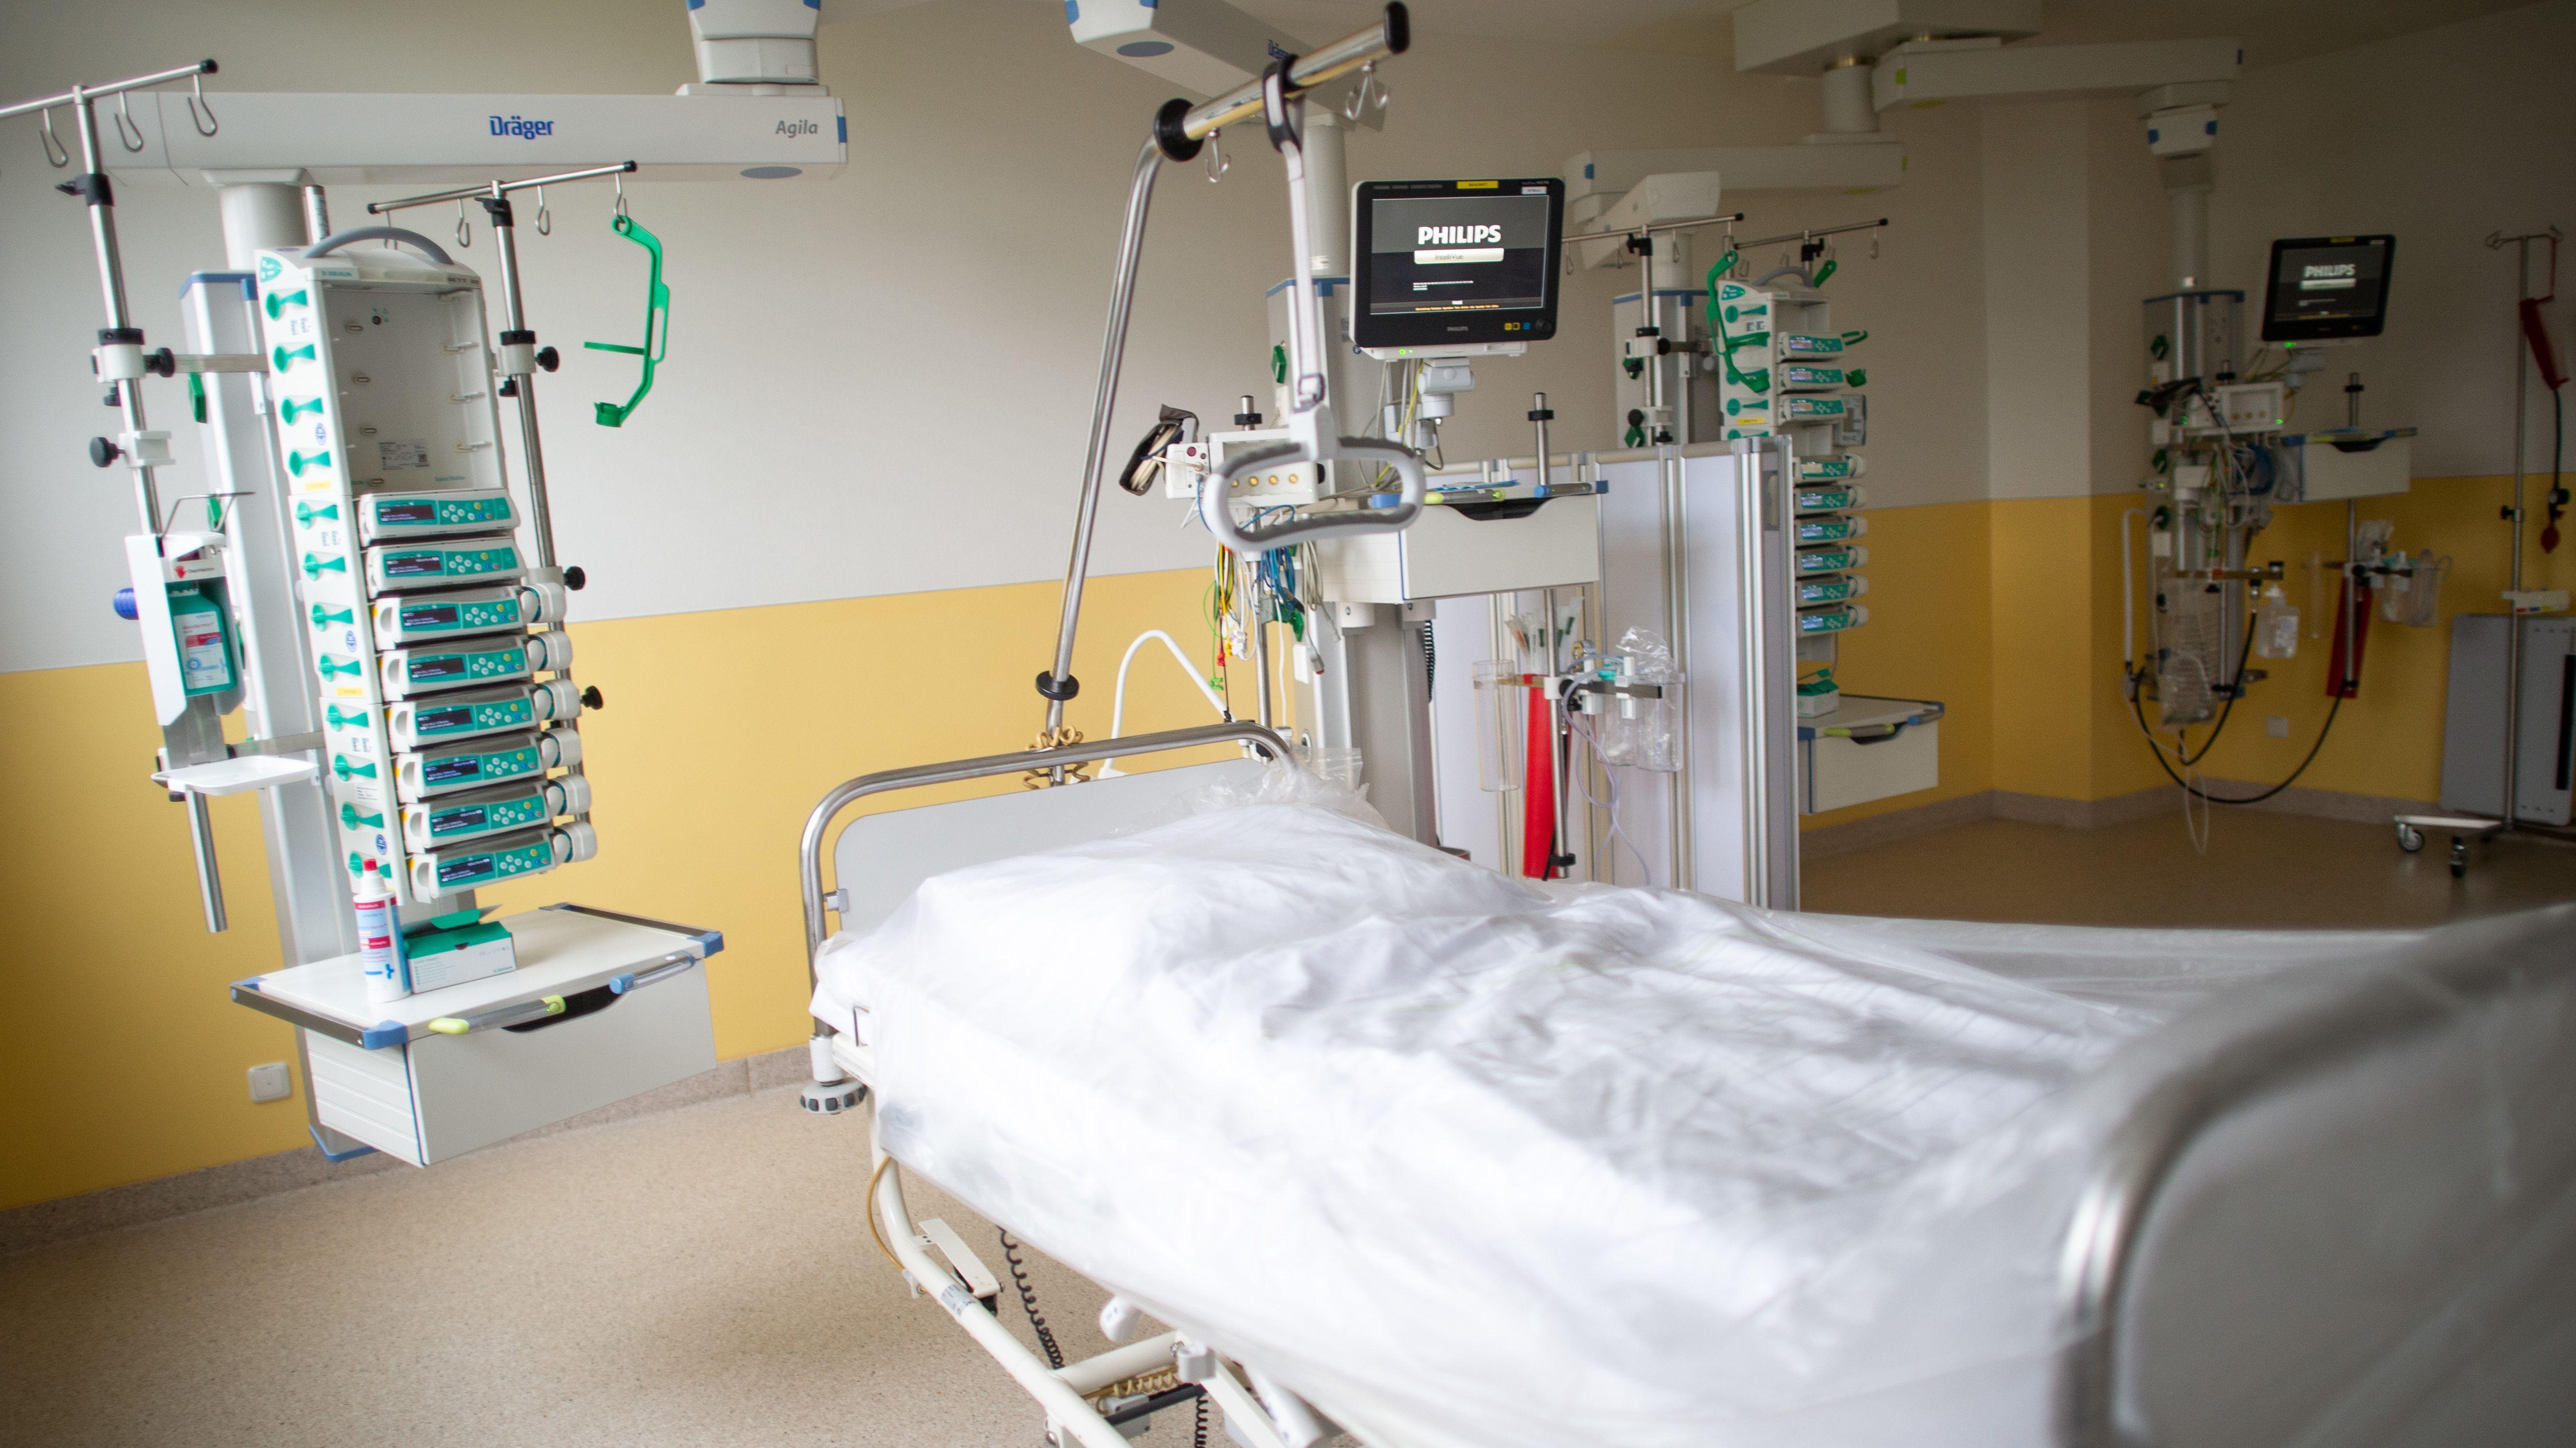 Leeres Bett auf einer Intensivstation